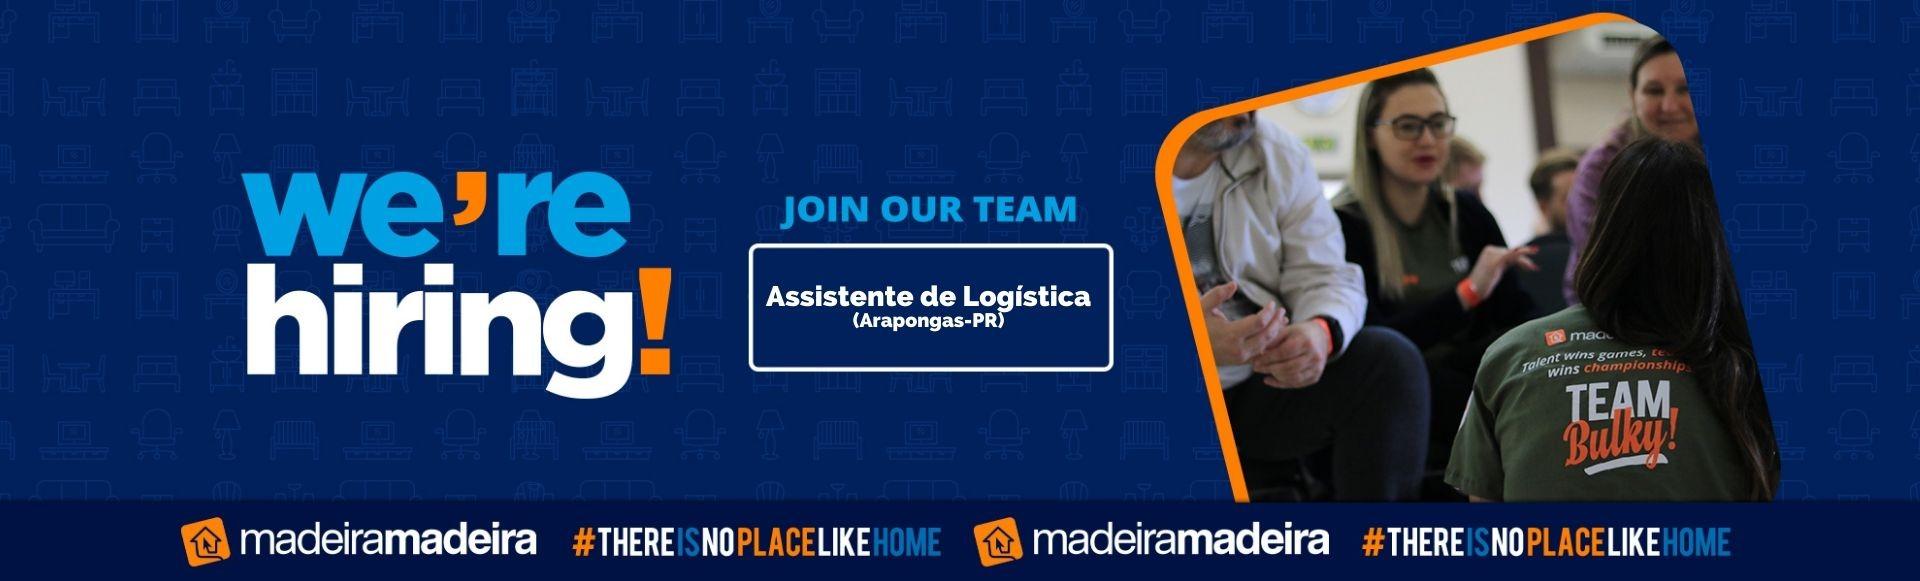 Assistente de Logística (Arapongas-PR)